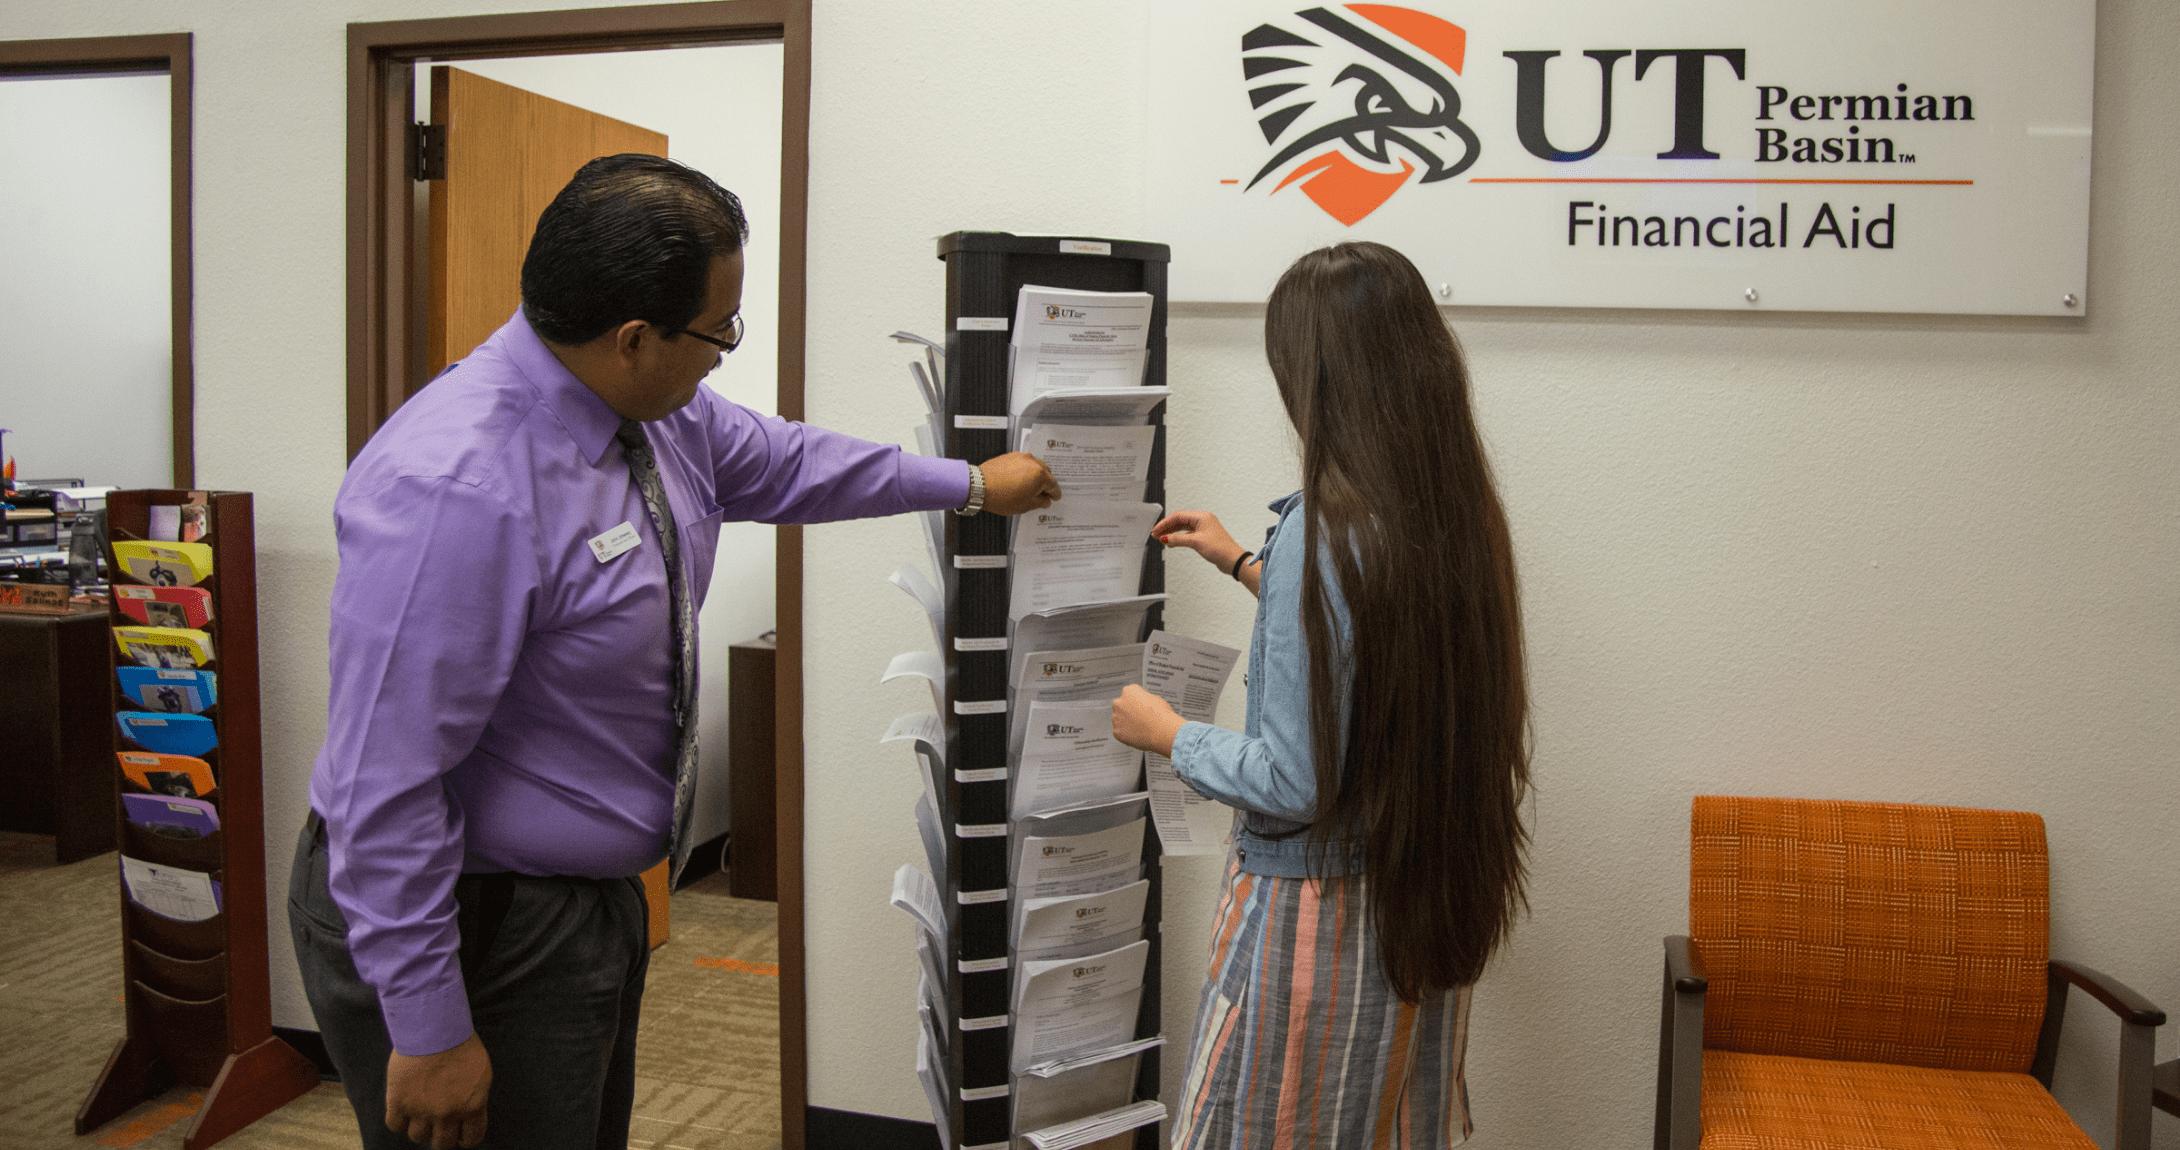 Estudiante en oficina de ayuda financiera